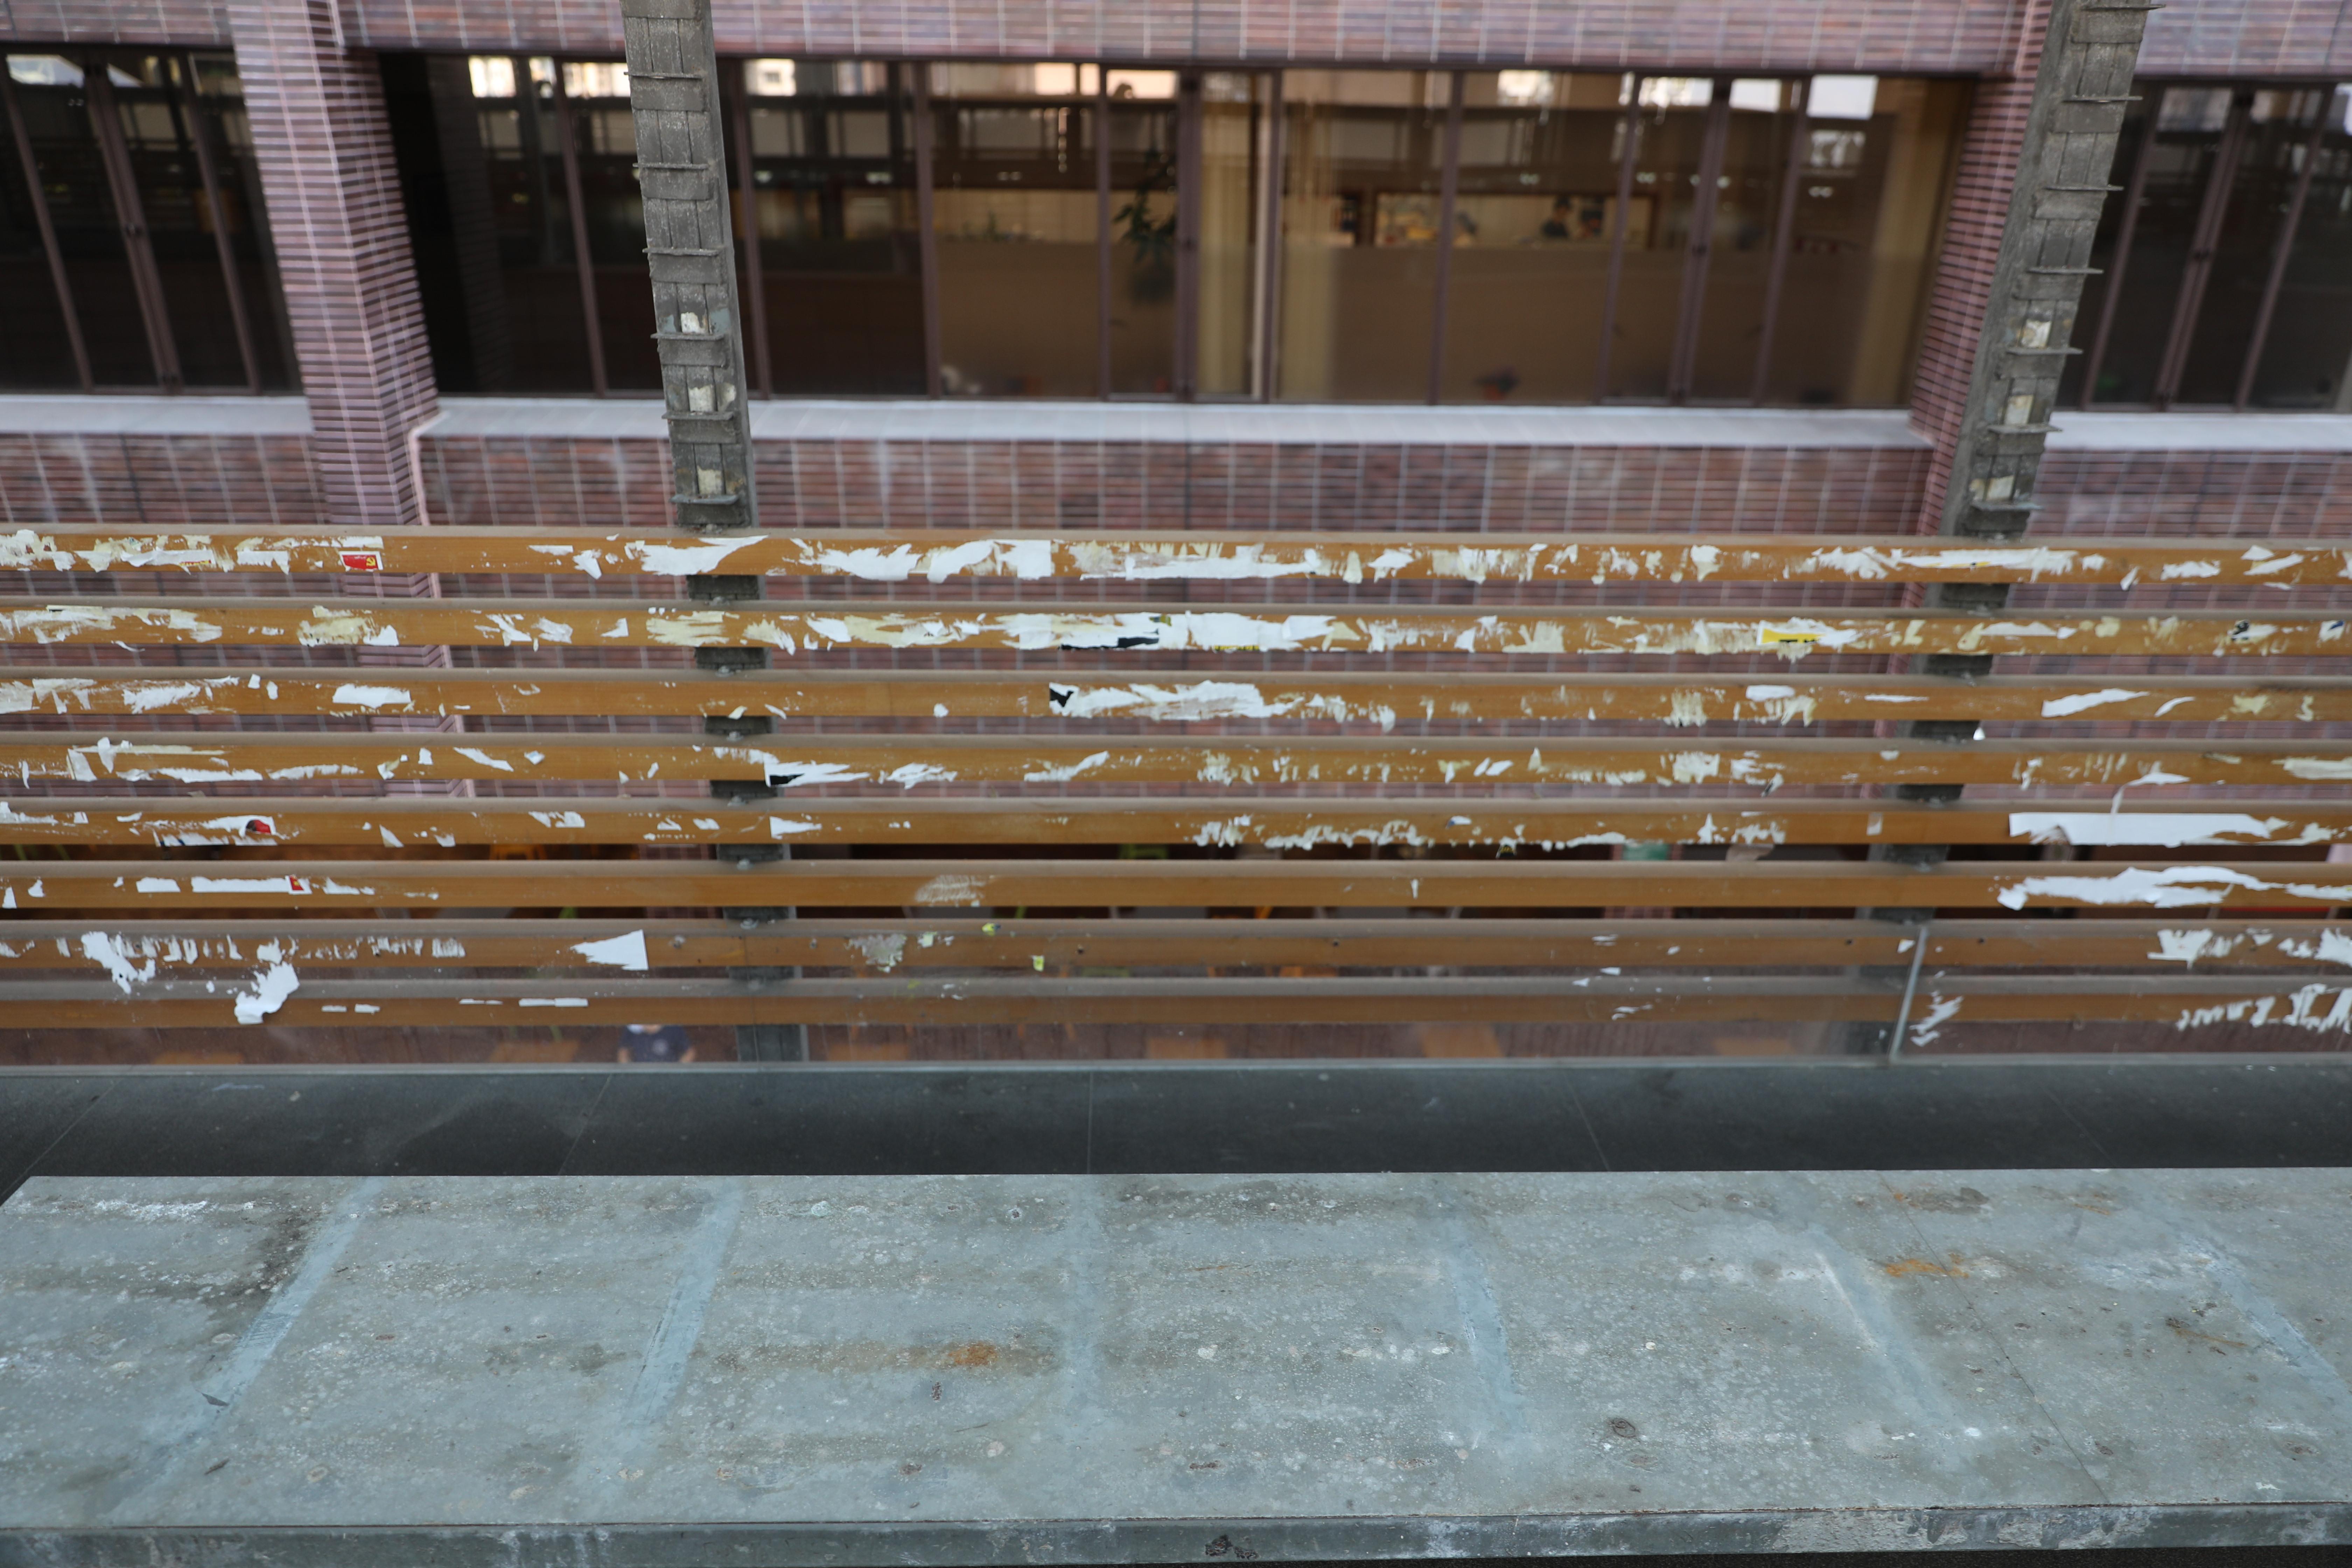 香港大學學生會於大學街上層攤位的管理權於日前正式期滿,校方昨日拒絕學生會遞交延續申請,大學街上層攤位從今日起歸由校方管理,並於今(10日)早上清拆「連儂牆」。(大公文匯全媒體記者 攝)